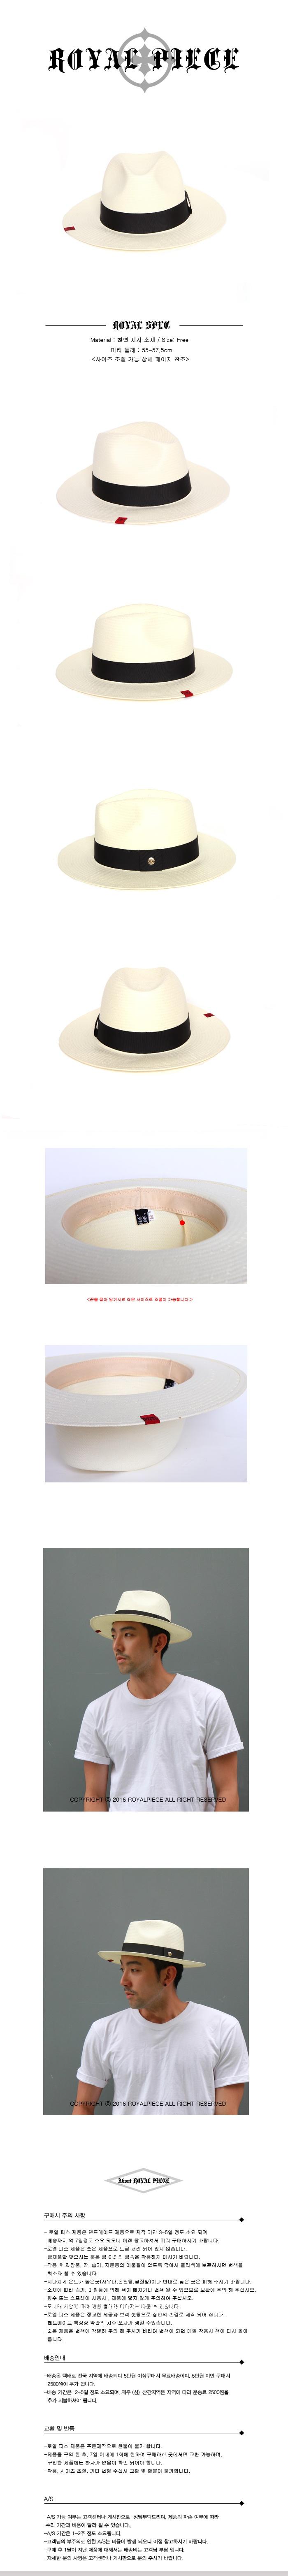 로얄피스(ROYAL PIECE) 로얄피스 x 엑스피어 파나마햇  31cm 베이지